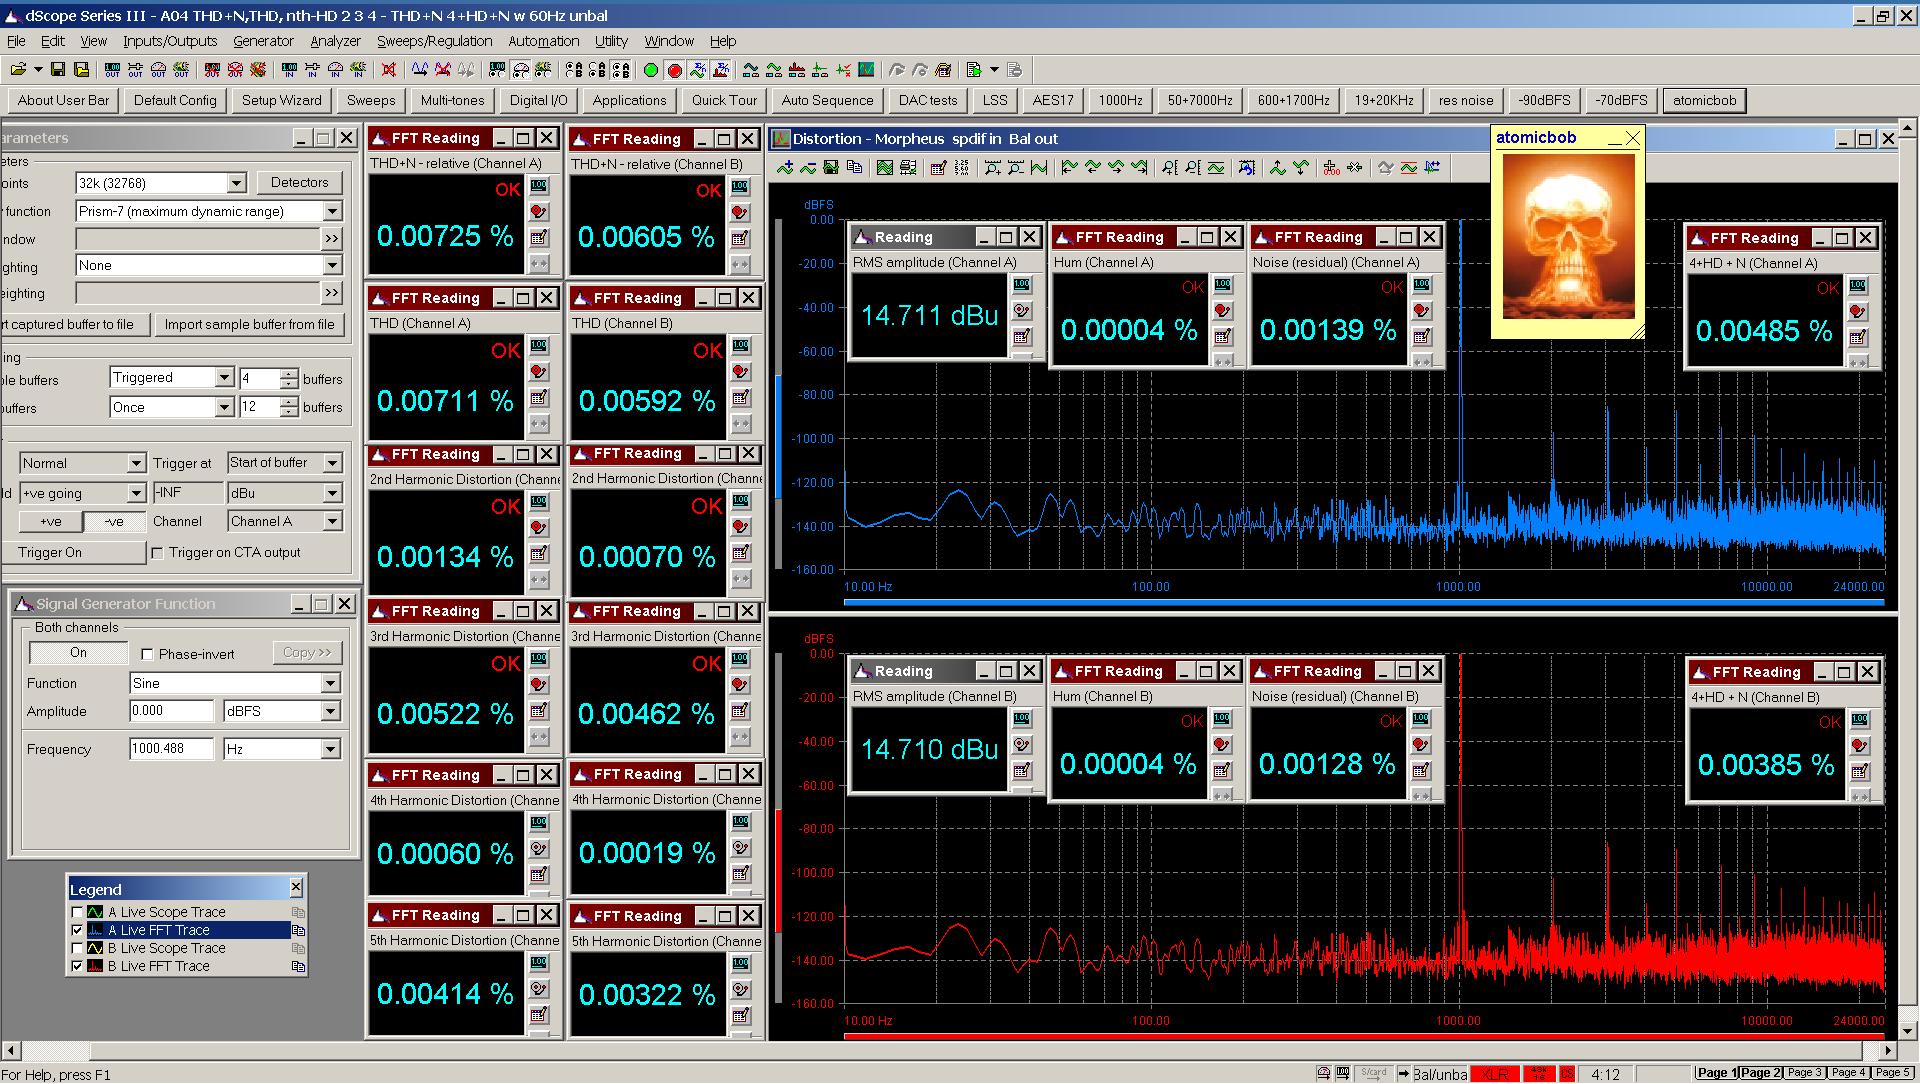 20200723 morpheus A04 THD+N THD nth-HD 4+HD+N 60Hz FFT Bal 0dBFS - spdif - dBFS scale.png